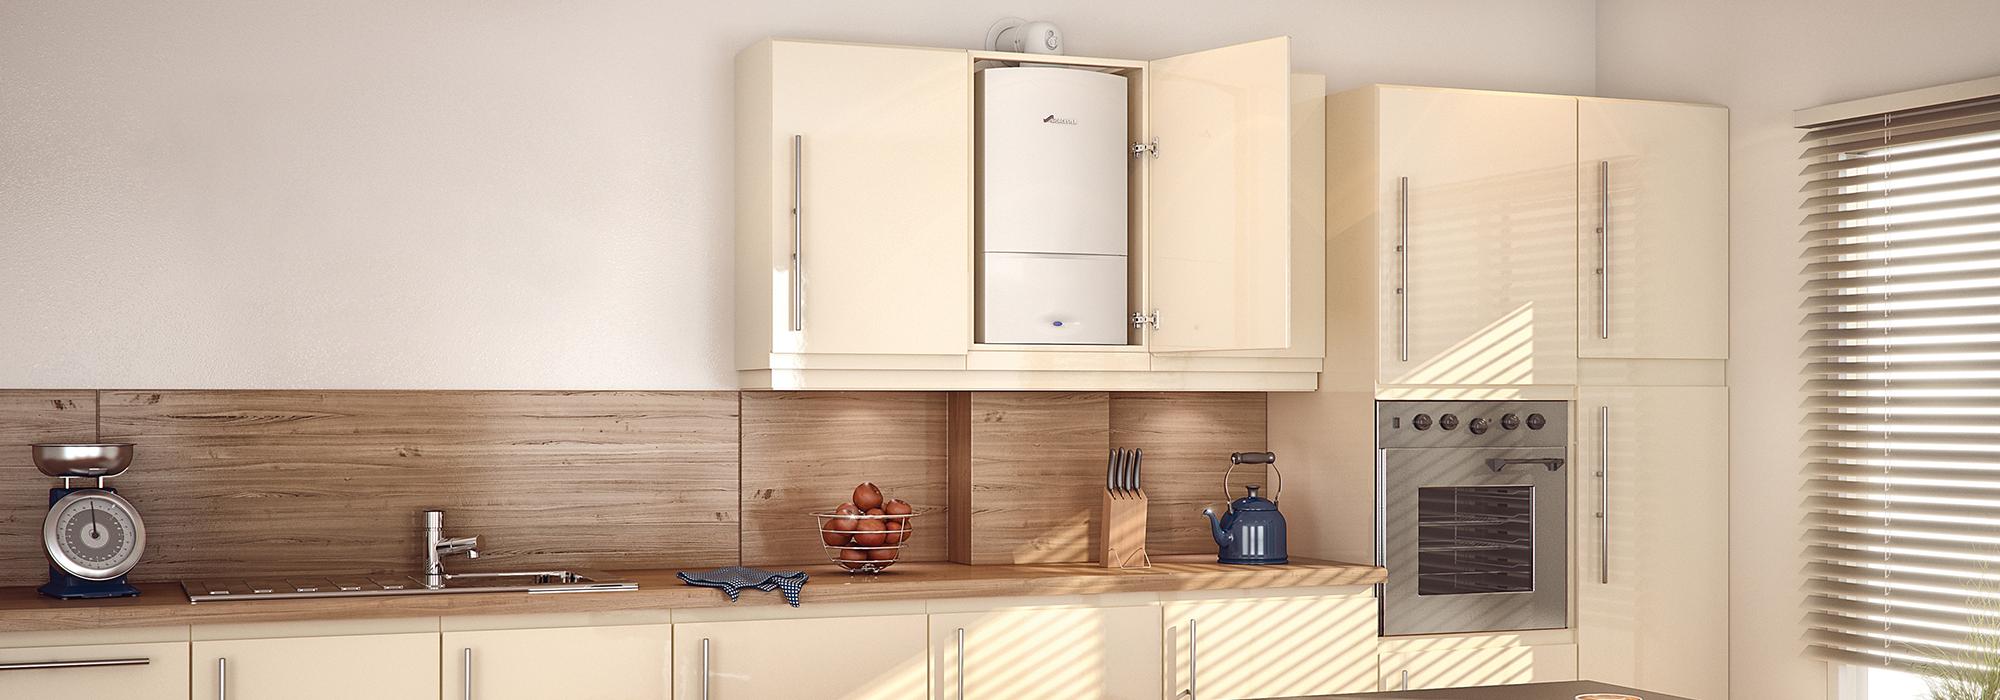 Kitchen_Main_Slider1